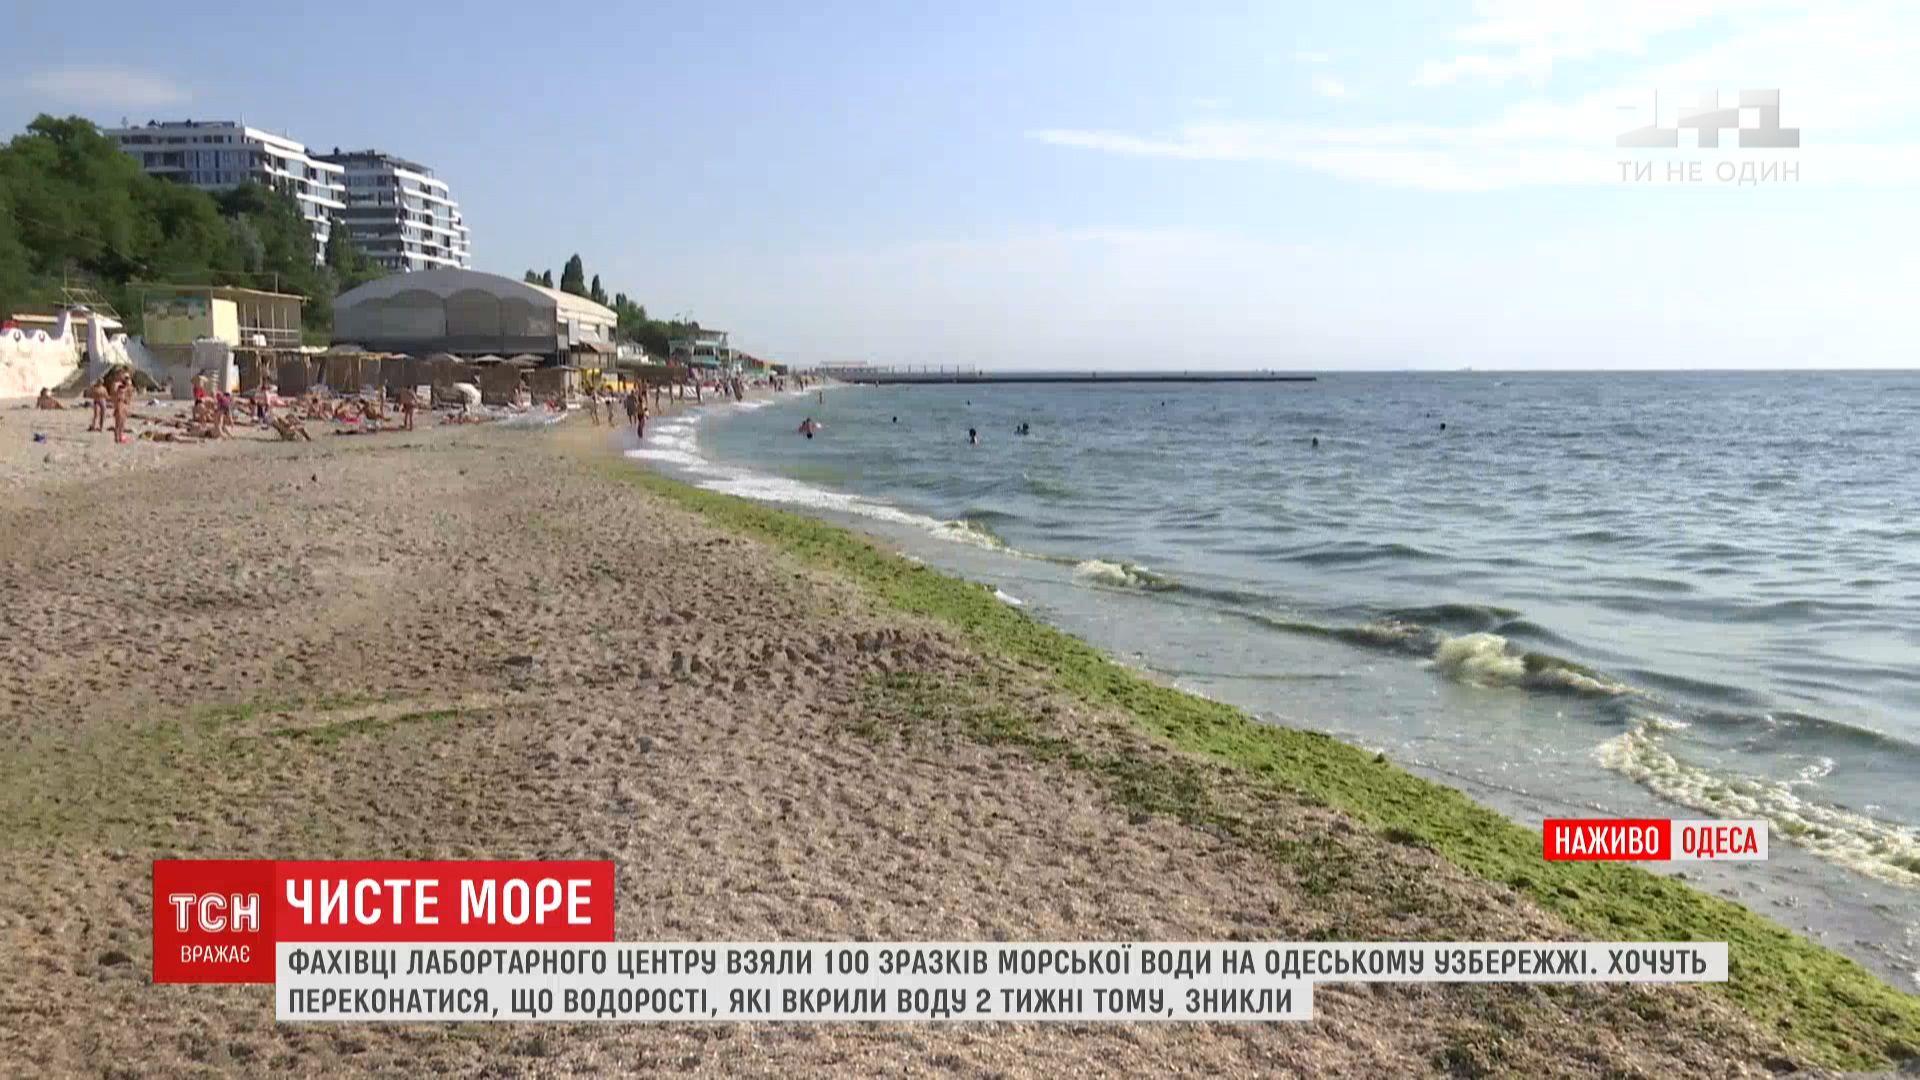 Морская вода на одесских пляжах уже чистая и прозрачная / скриншот